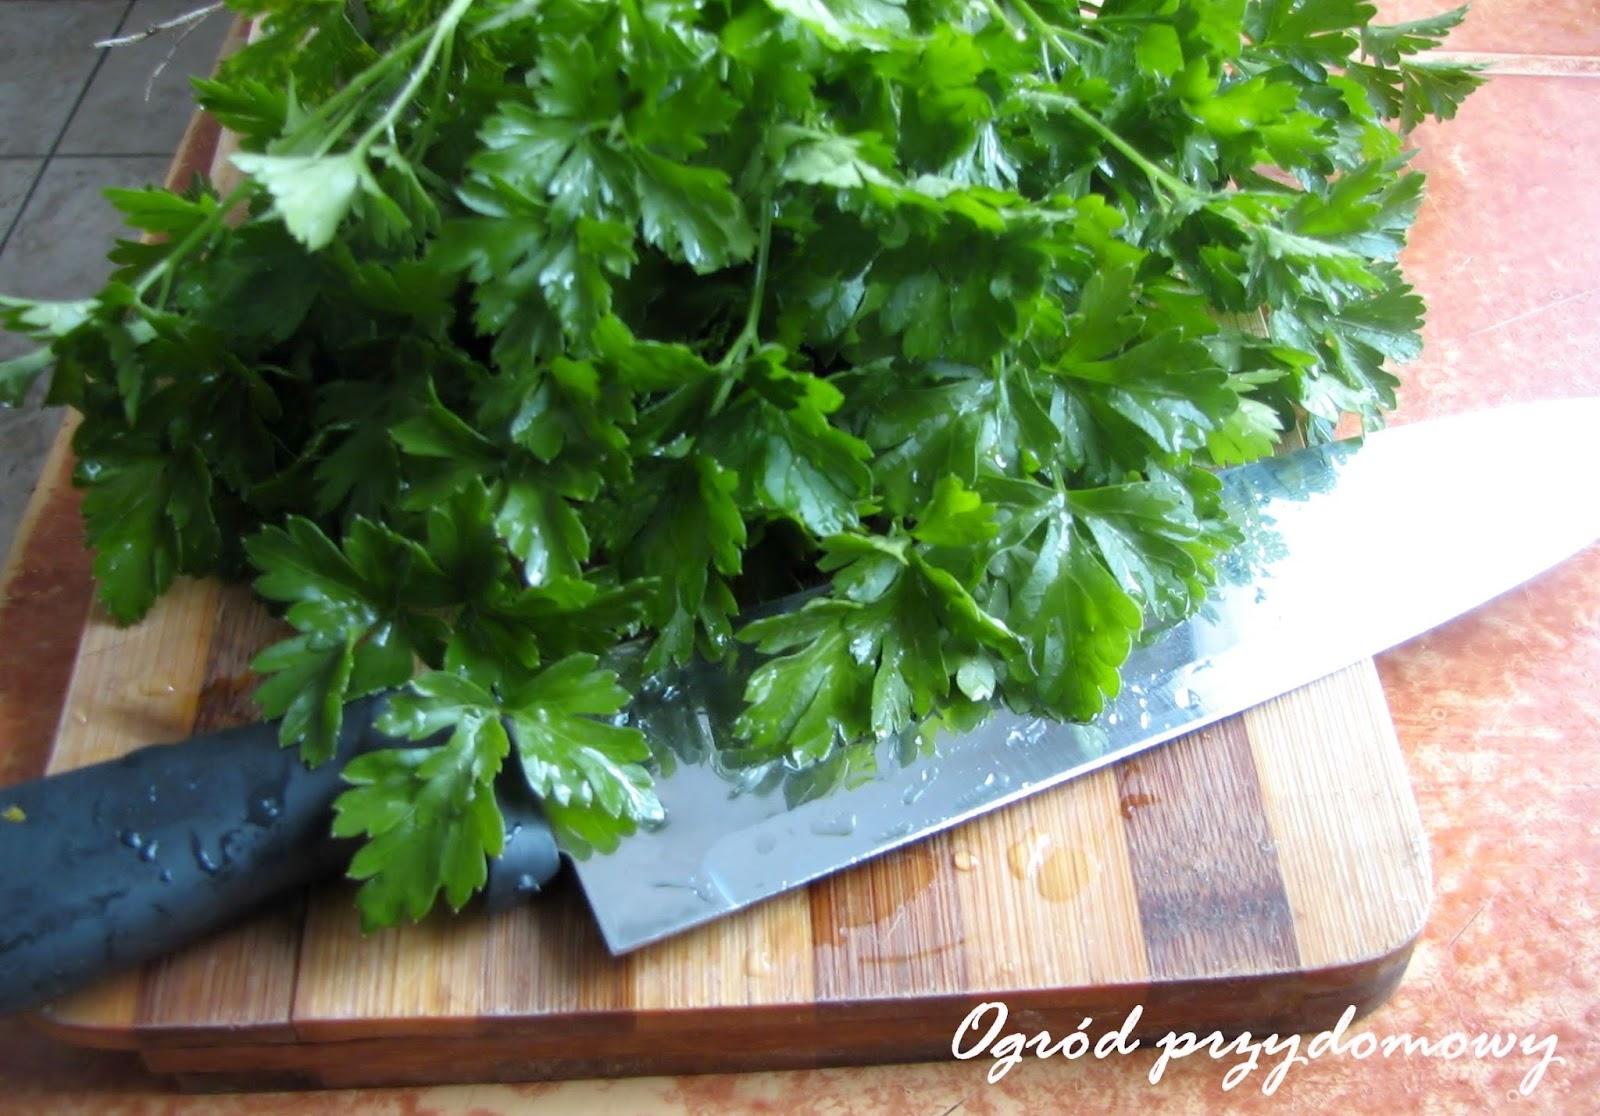 plon z ogrodu, plon warzyw, ogród przydomowy